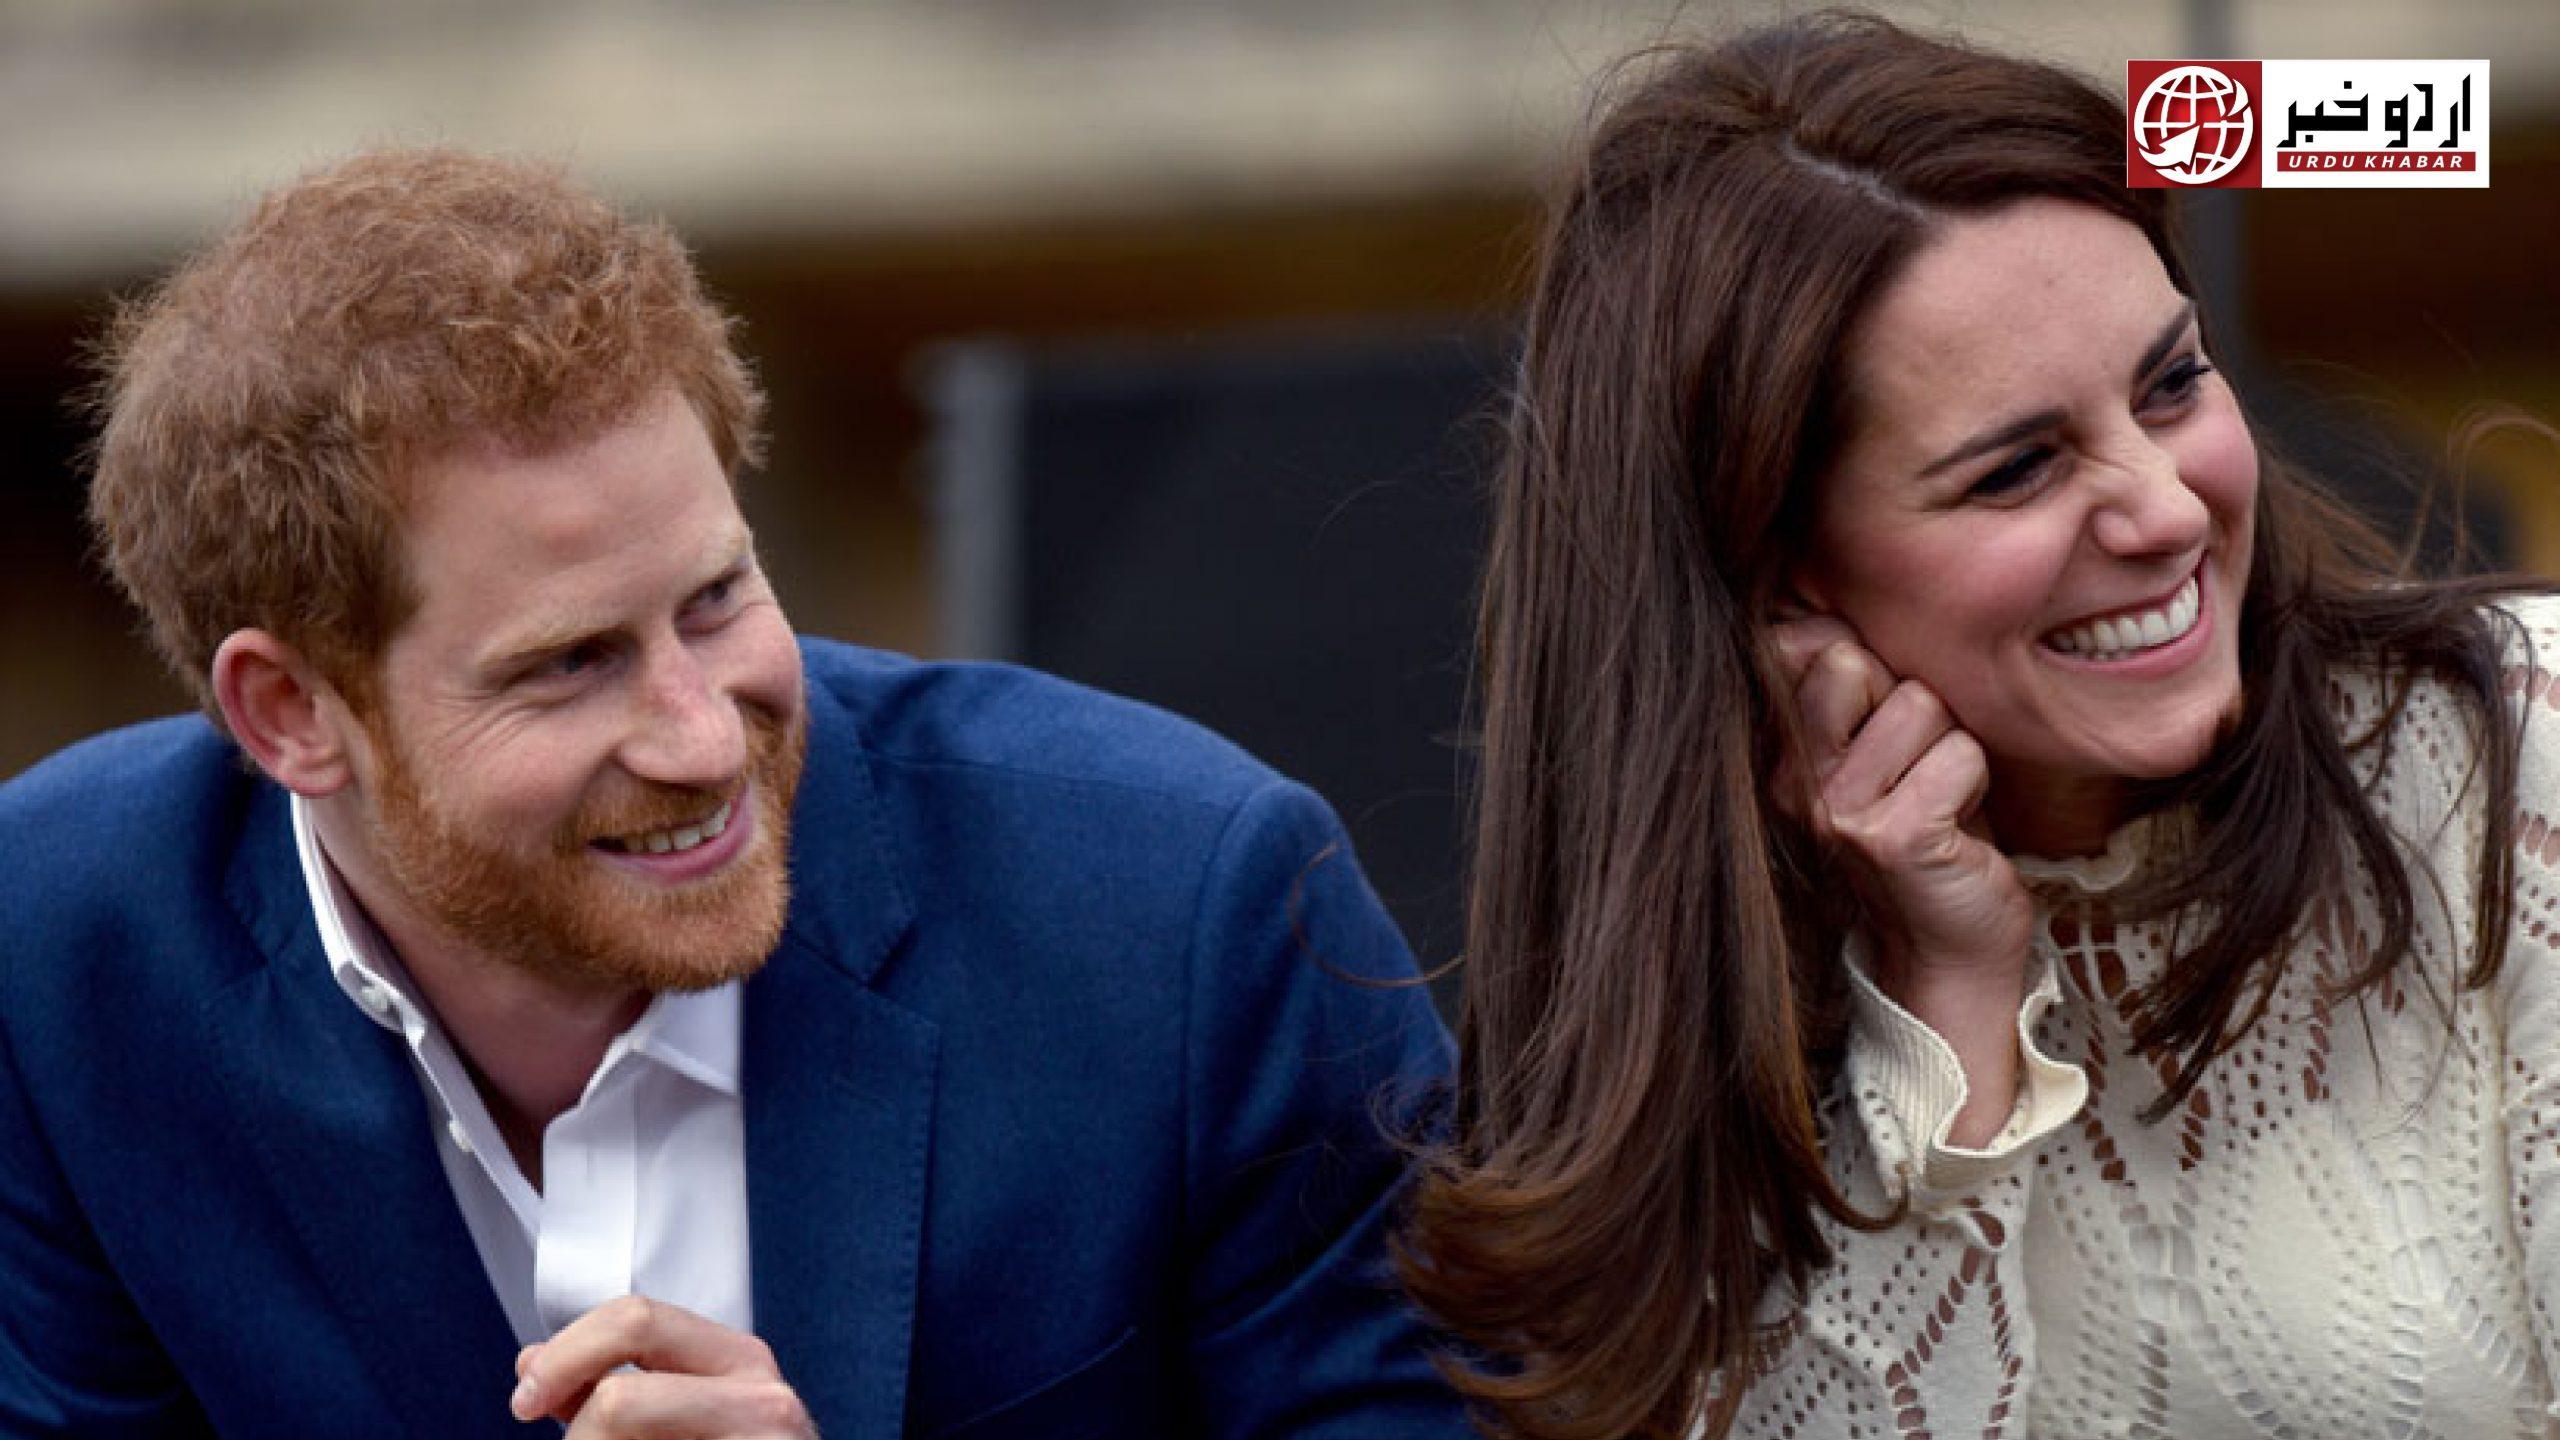 کیٹ مڈلٹن کو شہزادہ ہیری اور میگھن مارکل کے مداحوں نے حالیہ واقعے پر سخت باتیں کیں